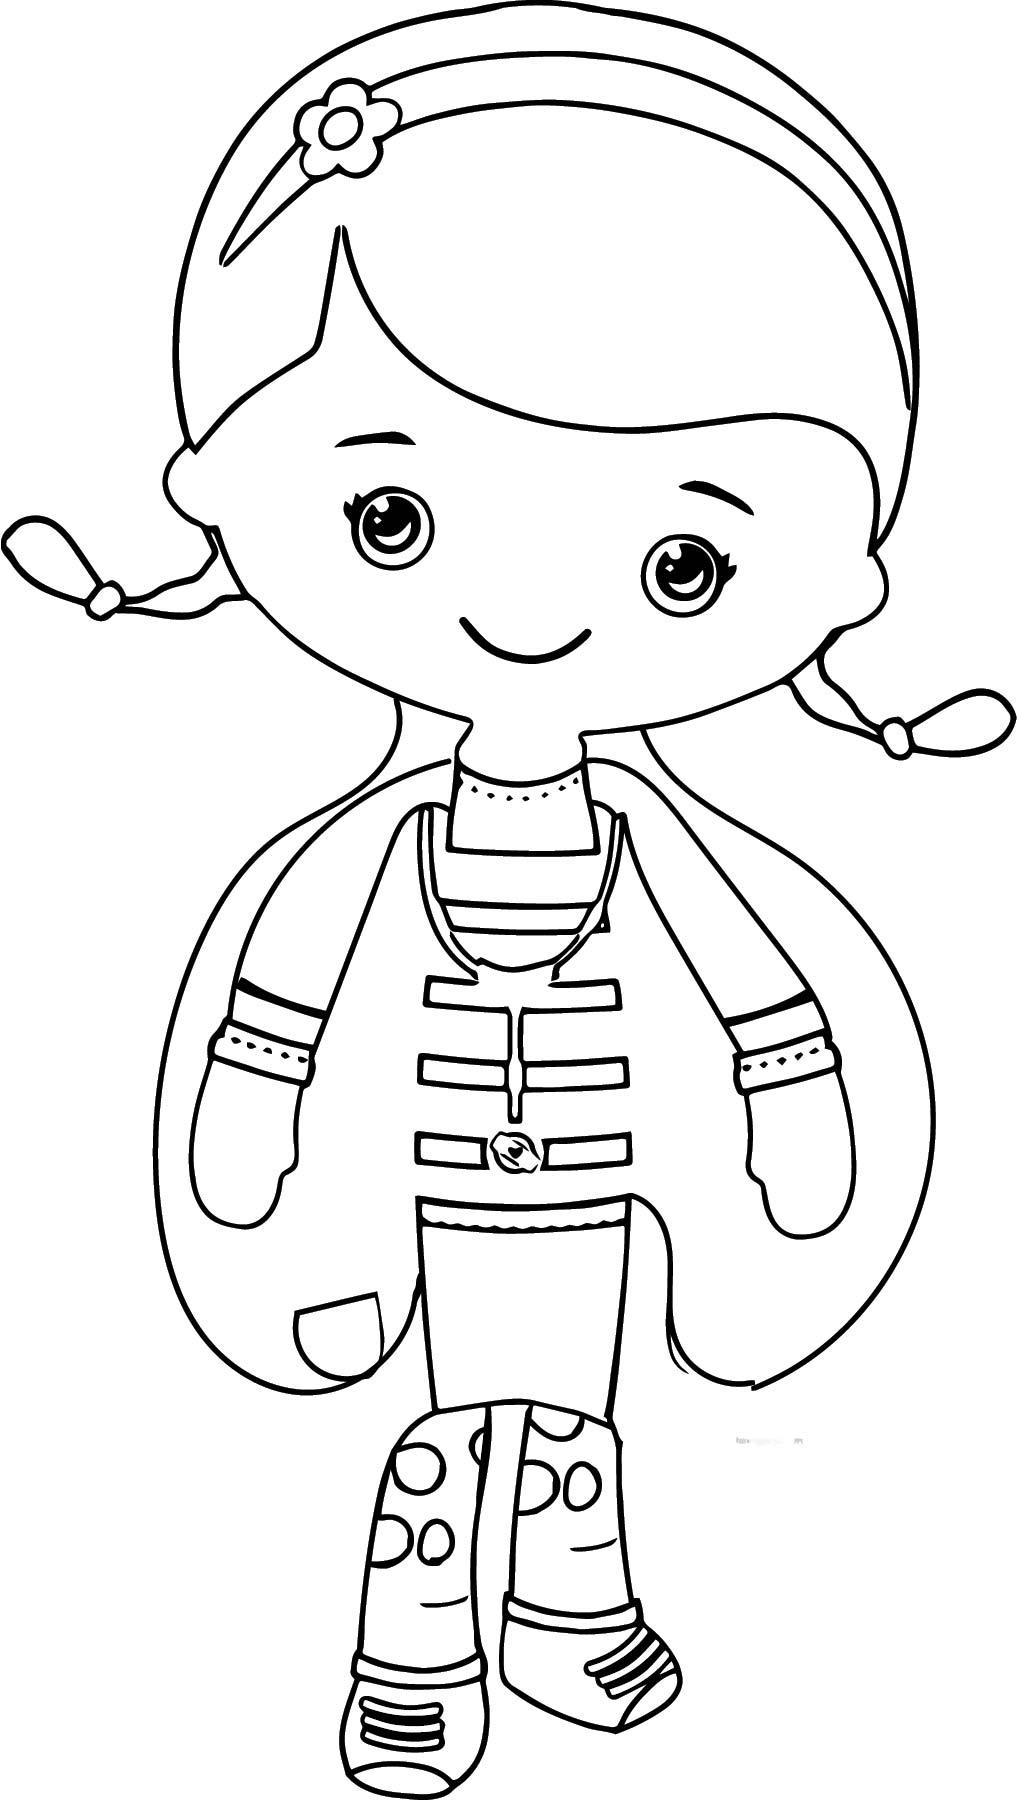 Doc Mcstuffins Coloring Page 1 | Wecoloringpage.com